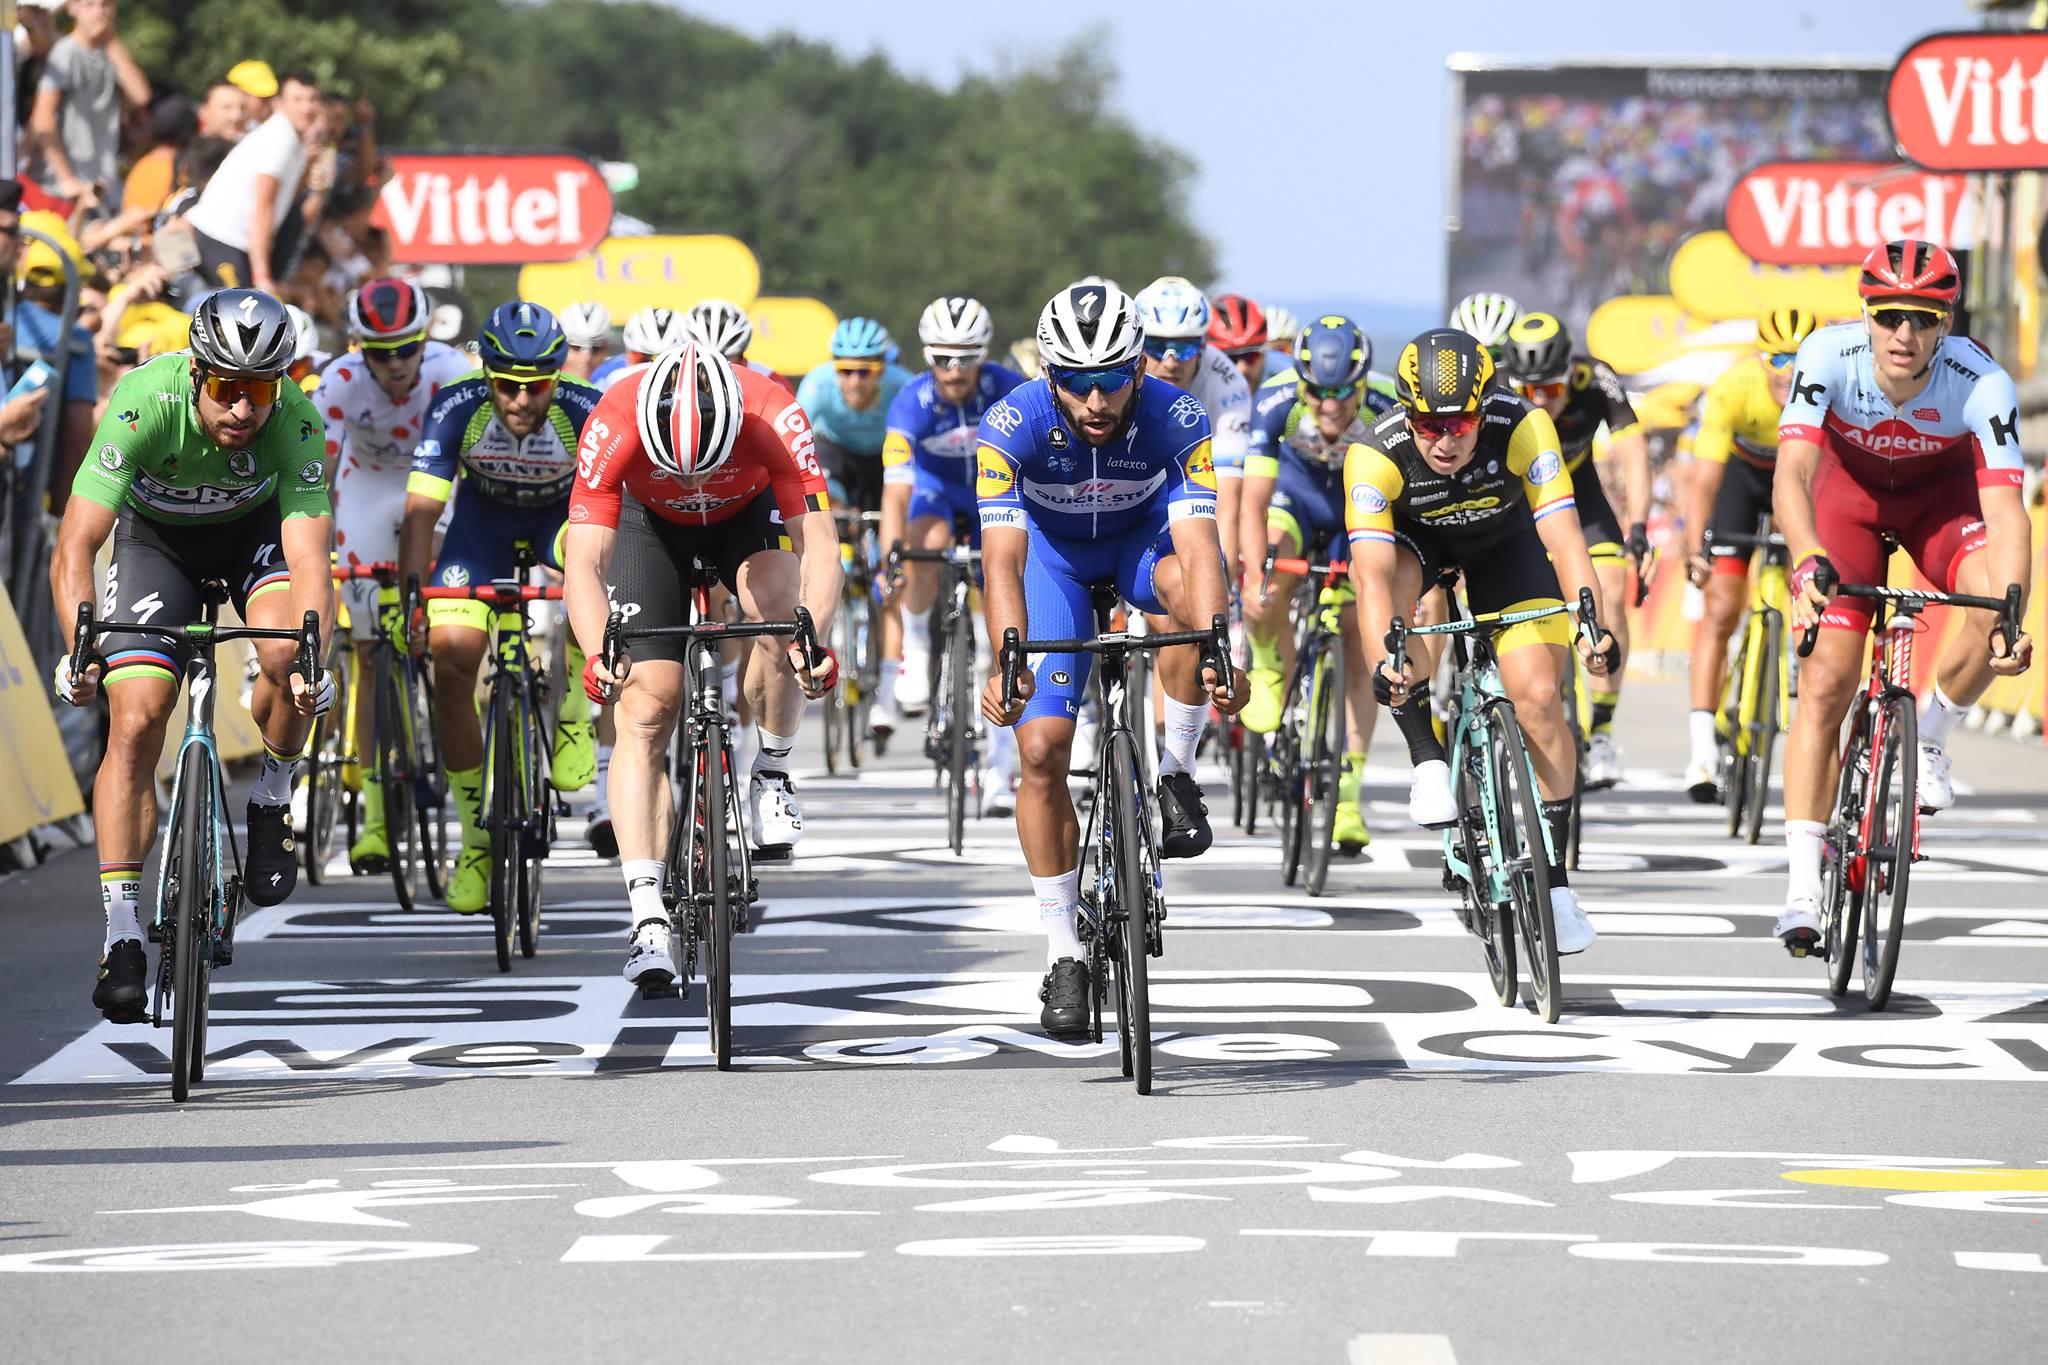 La volata della quarta tappa del Tour de France 2018 vinta da Fernando Gaviria